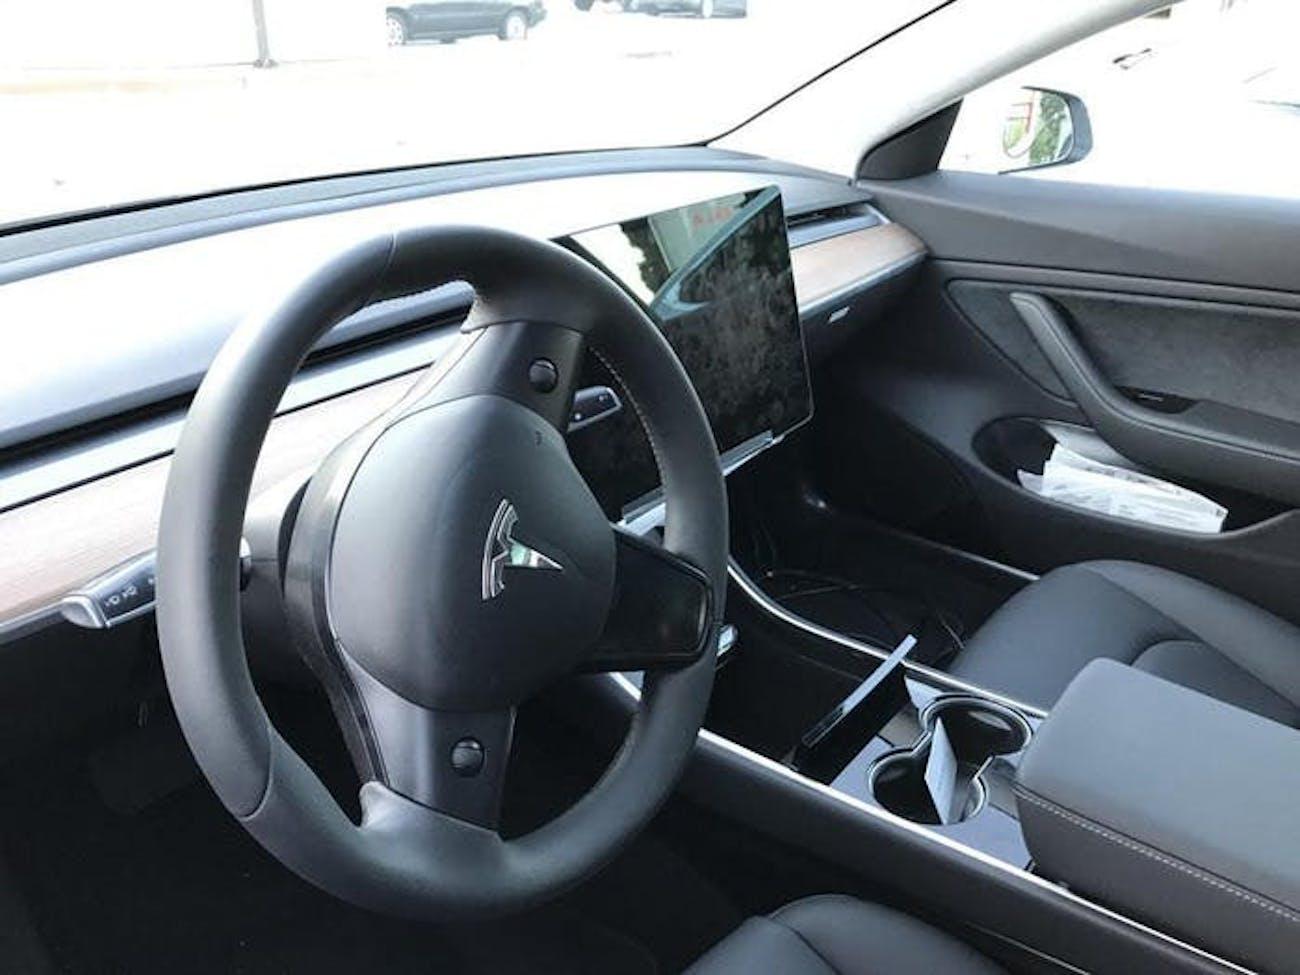 The Model 3 interior.